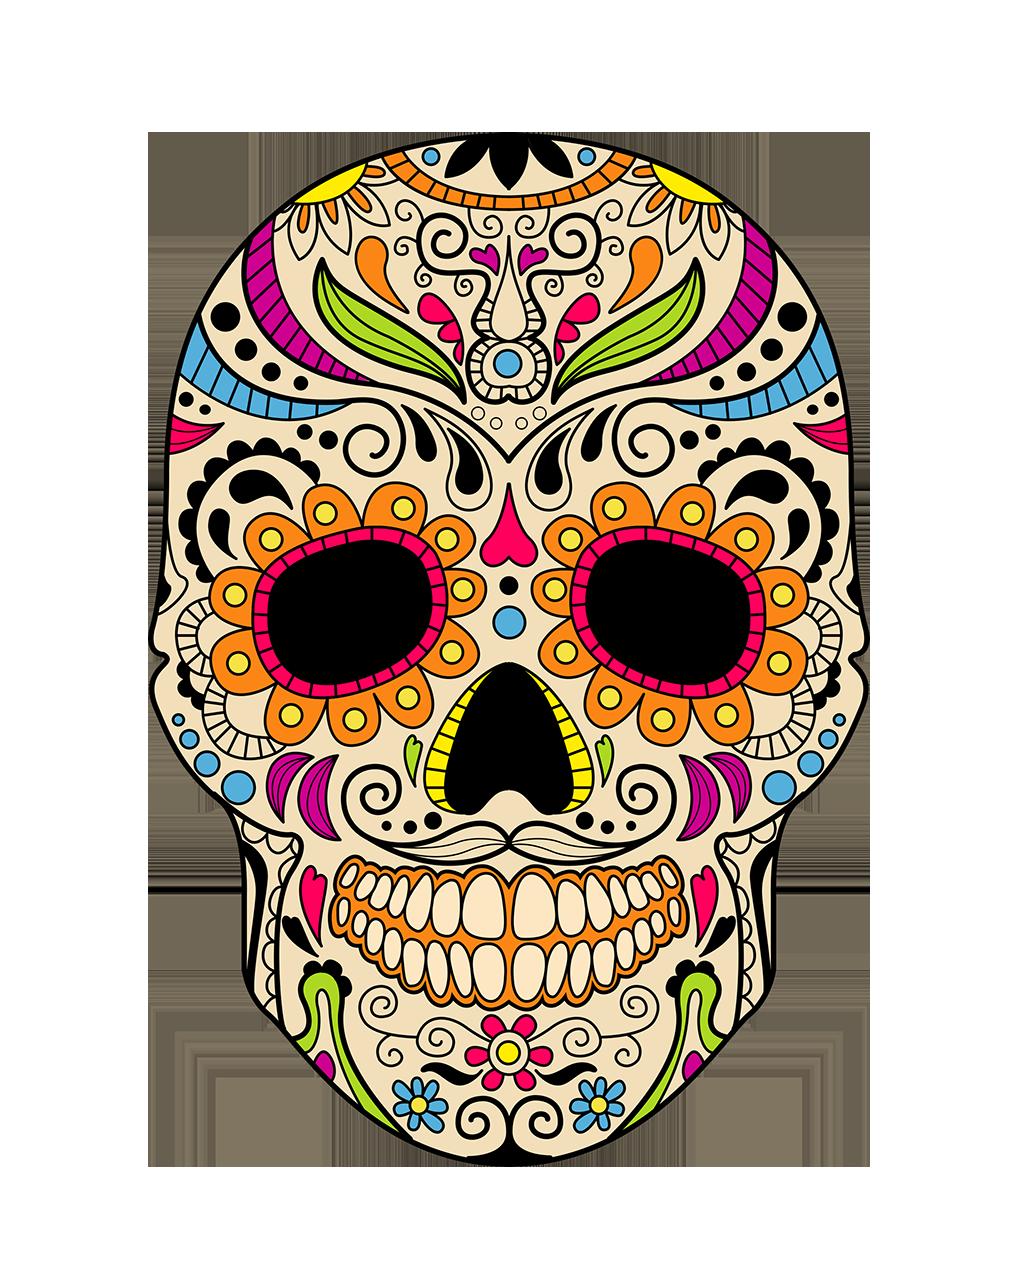 foto de calavera skull fte picsart sticker